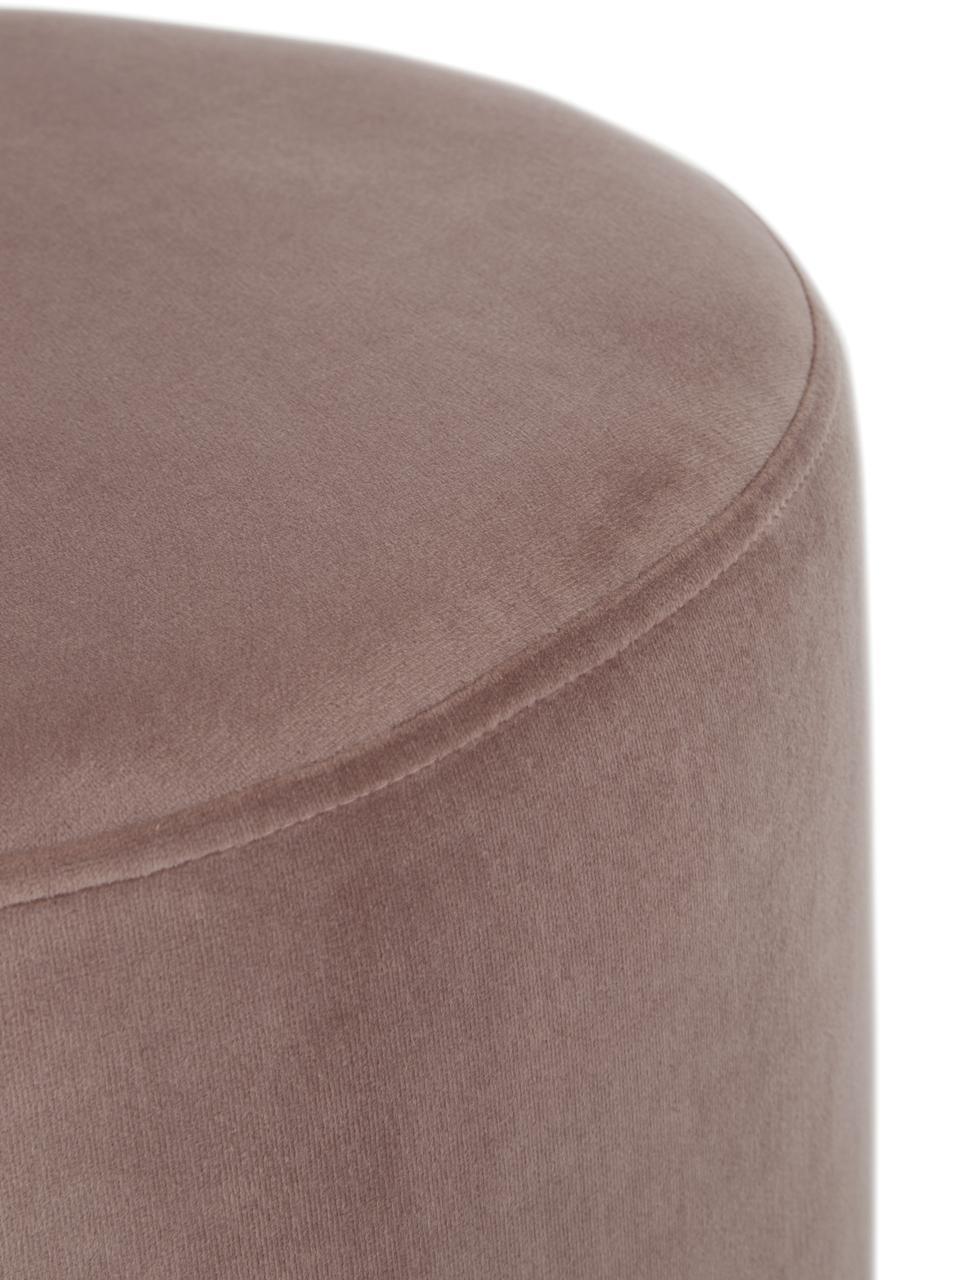 Tabouret en velours Orchid, Revêtement: rose Socle: couleur dorée